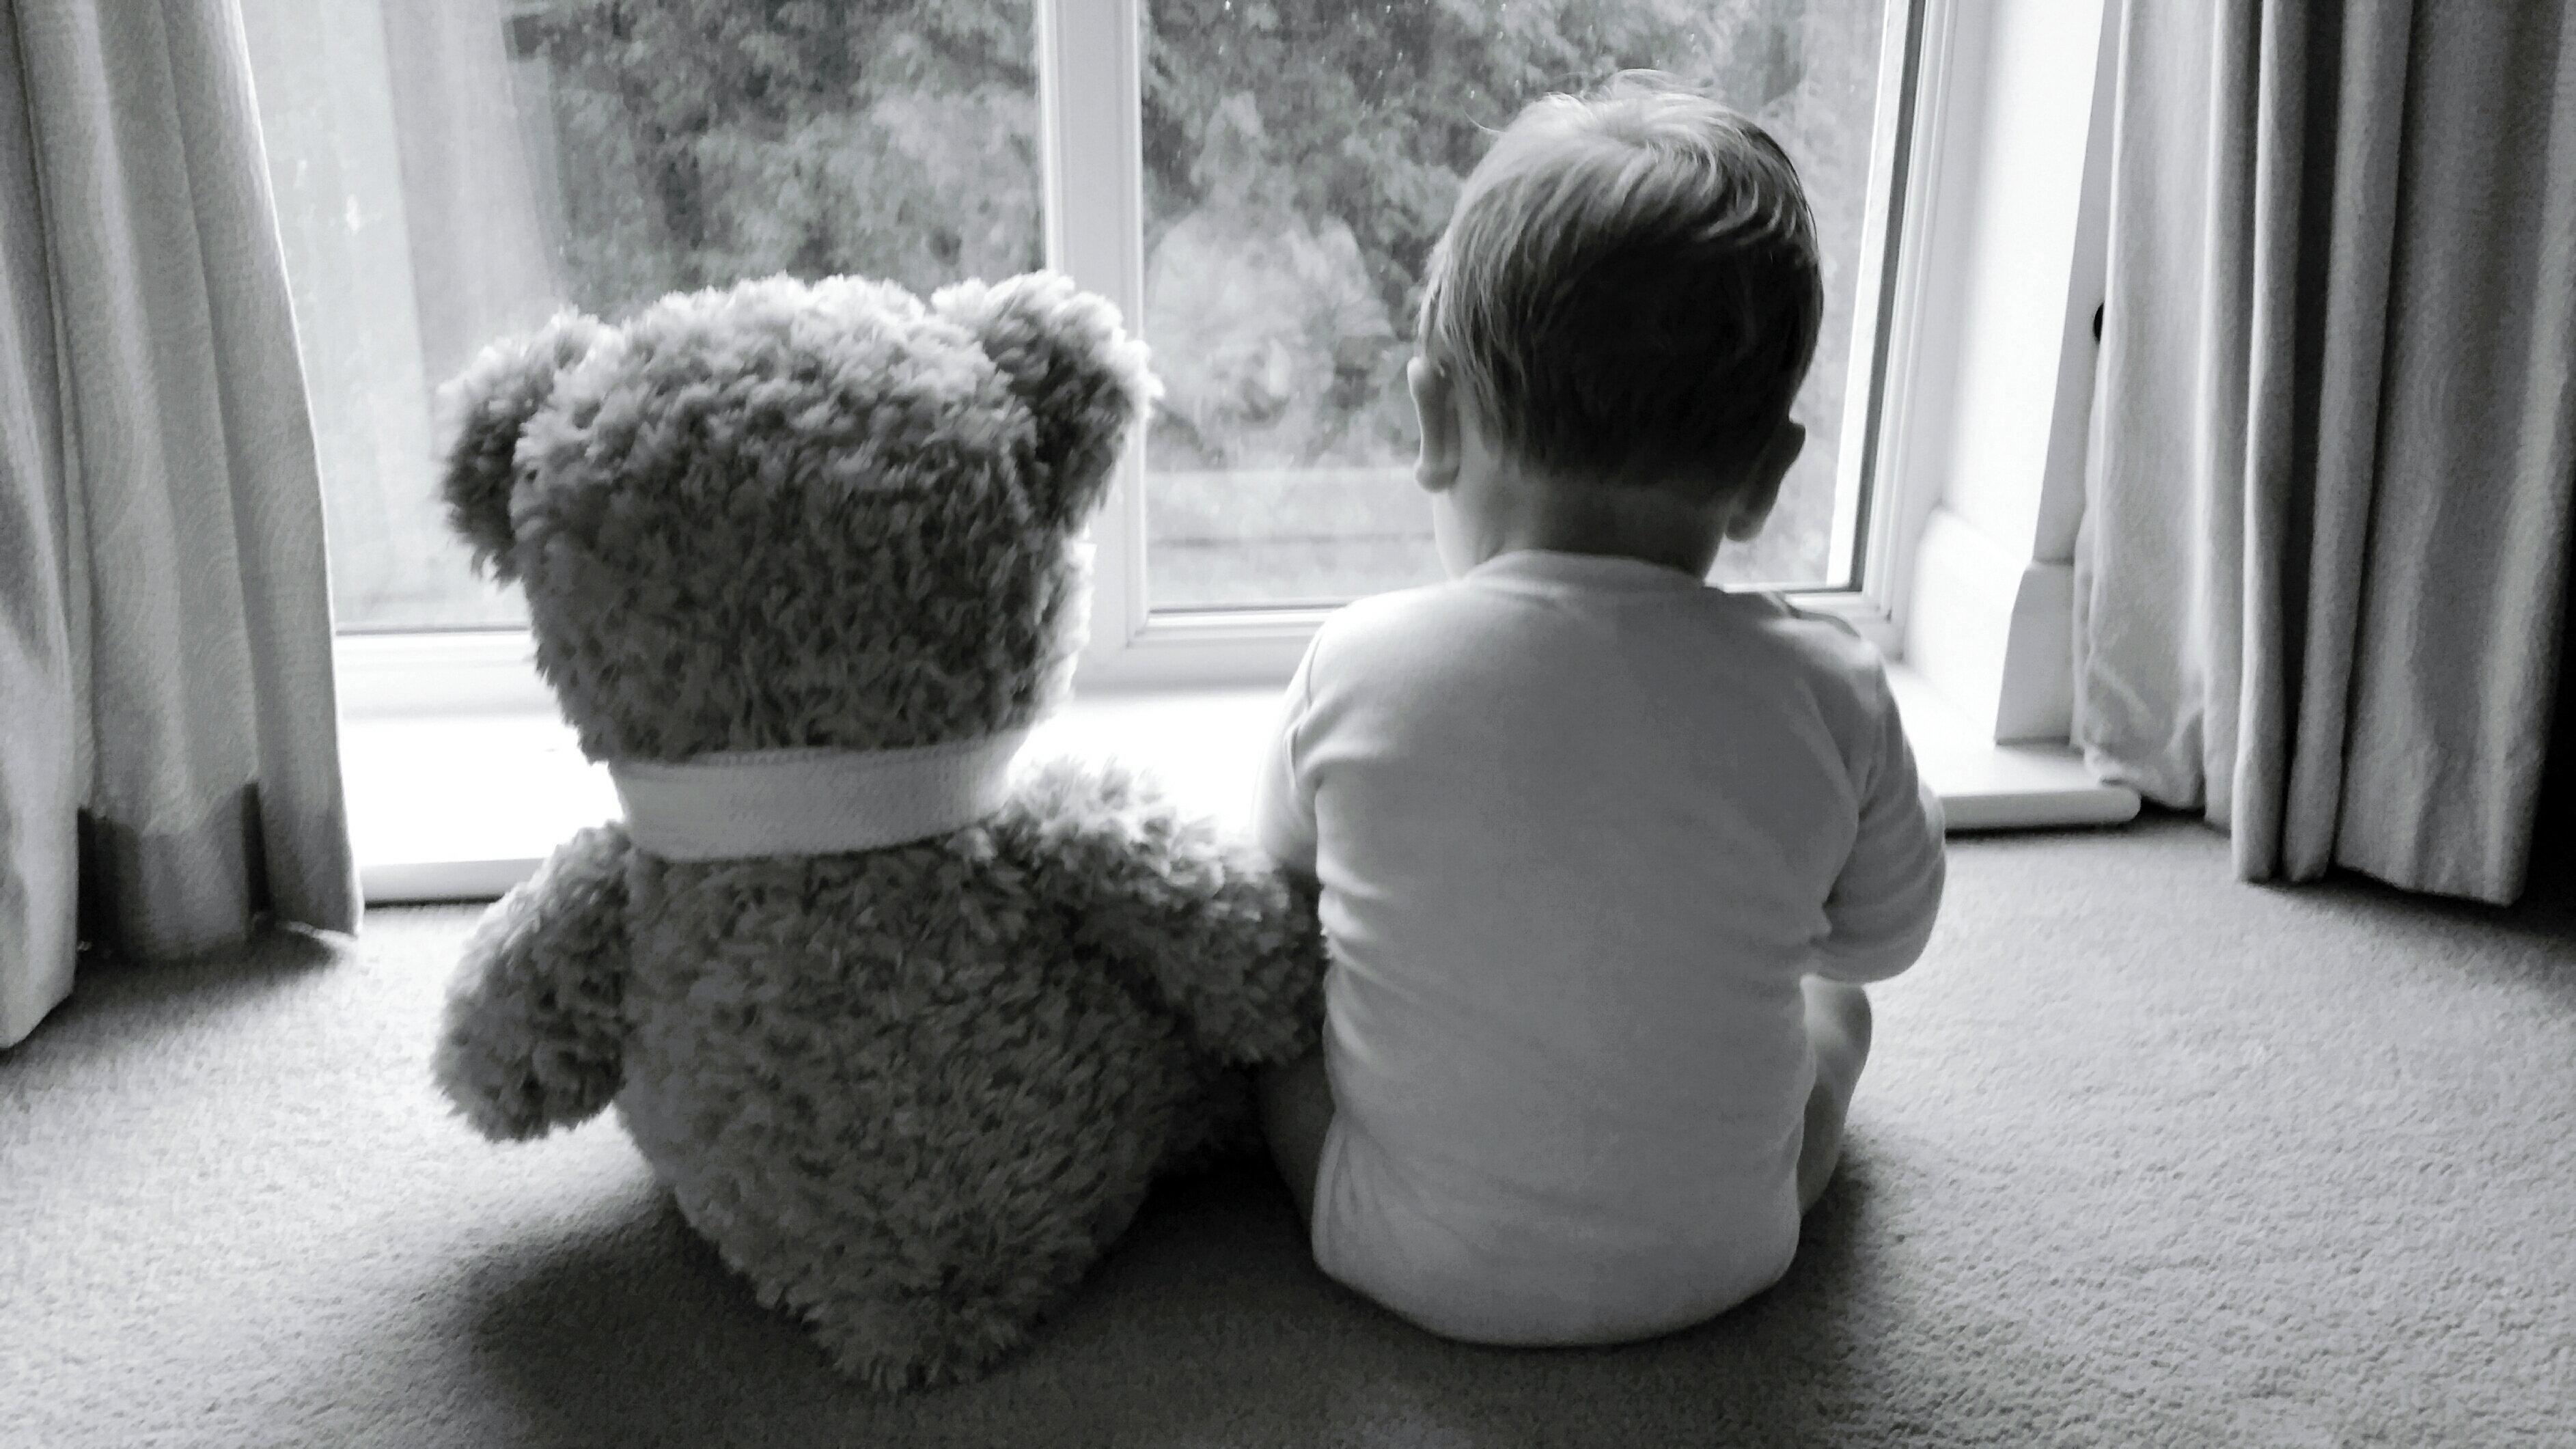 Aachen: Vater vergewaltigt Baby – und lässt Pädophilen per Skype